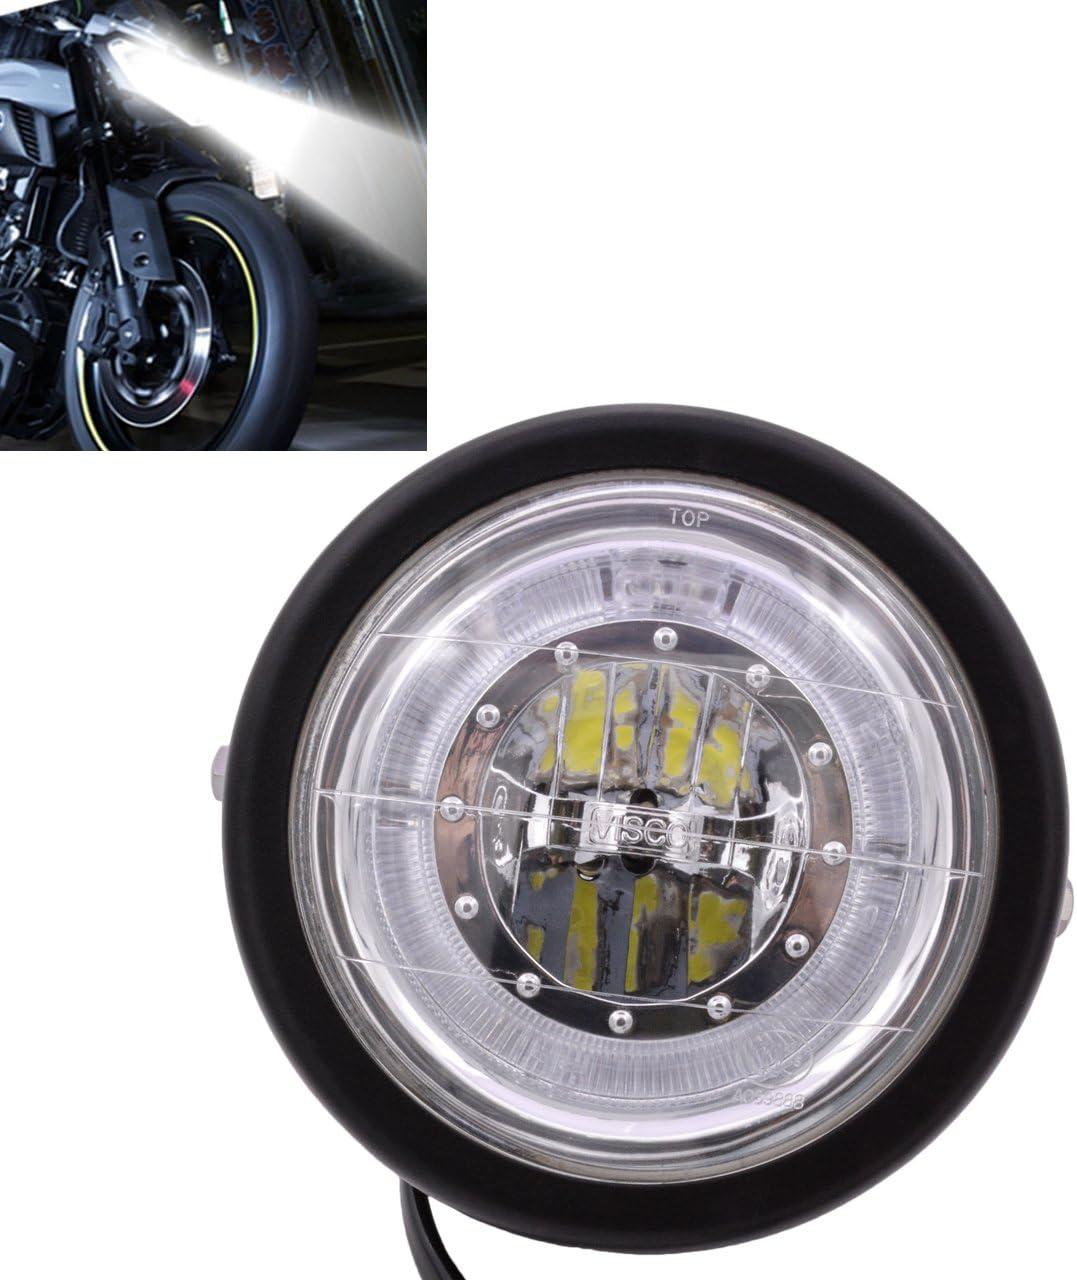 Katur Motorrad Scheinwerfer Led Scheinwerfer 6 1 5 1 Cm Für K Awasaki H Arley H Onda S Uzuki Y Amaha W Halterung Blau Angel Eye Custom Auto